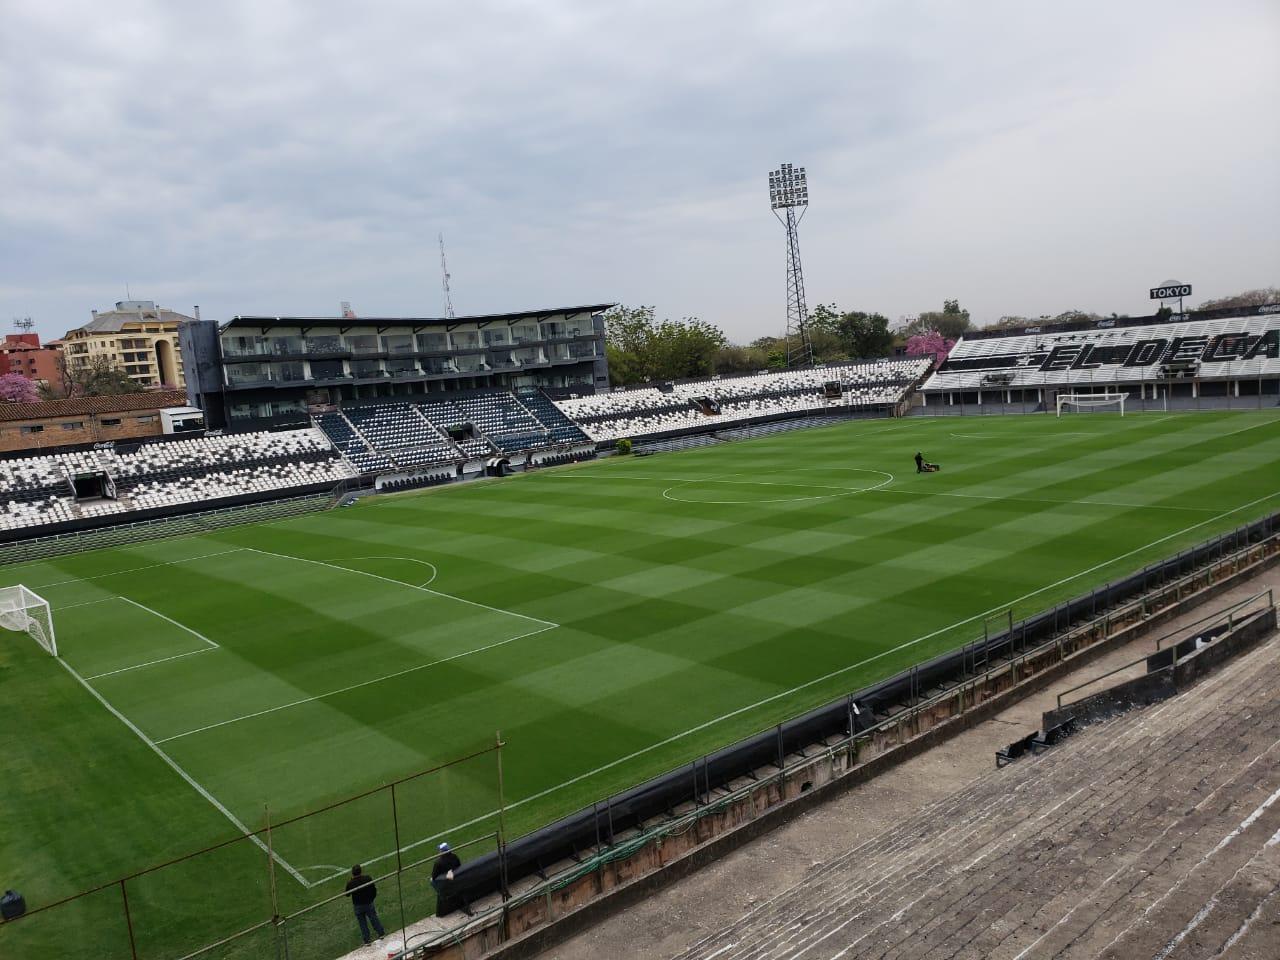 Trovato plantea remodelar y agrandar la capacidad del estadio Manuel Ferreira